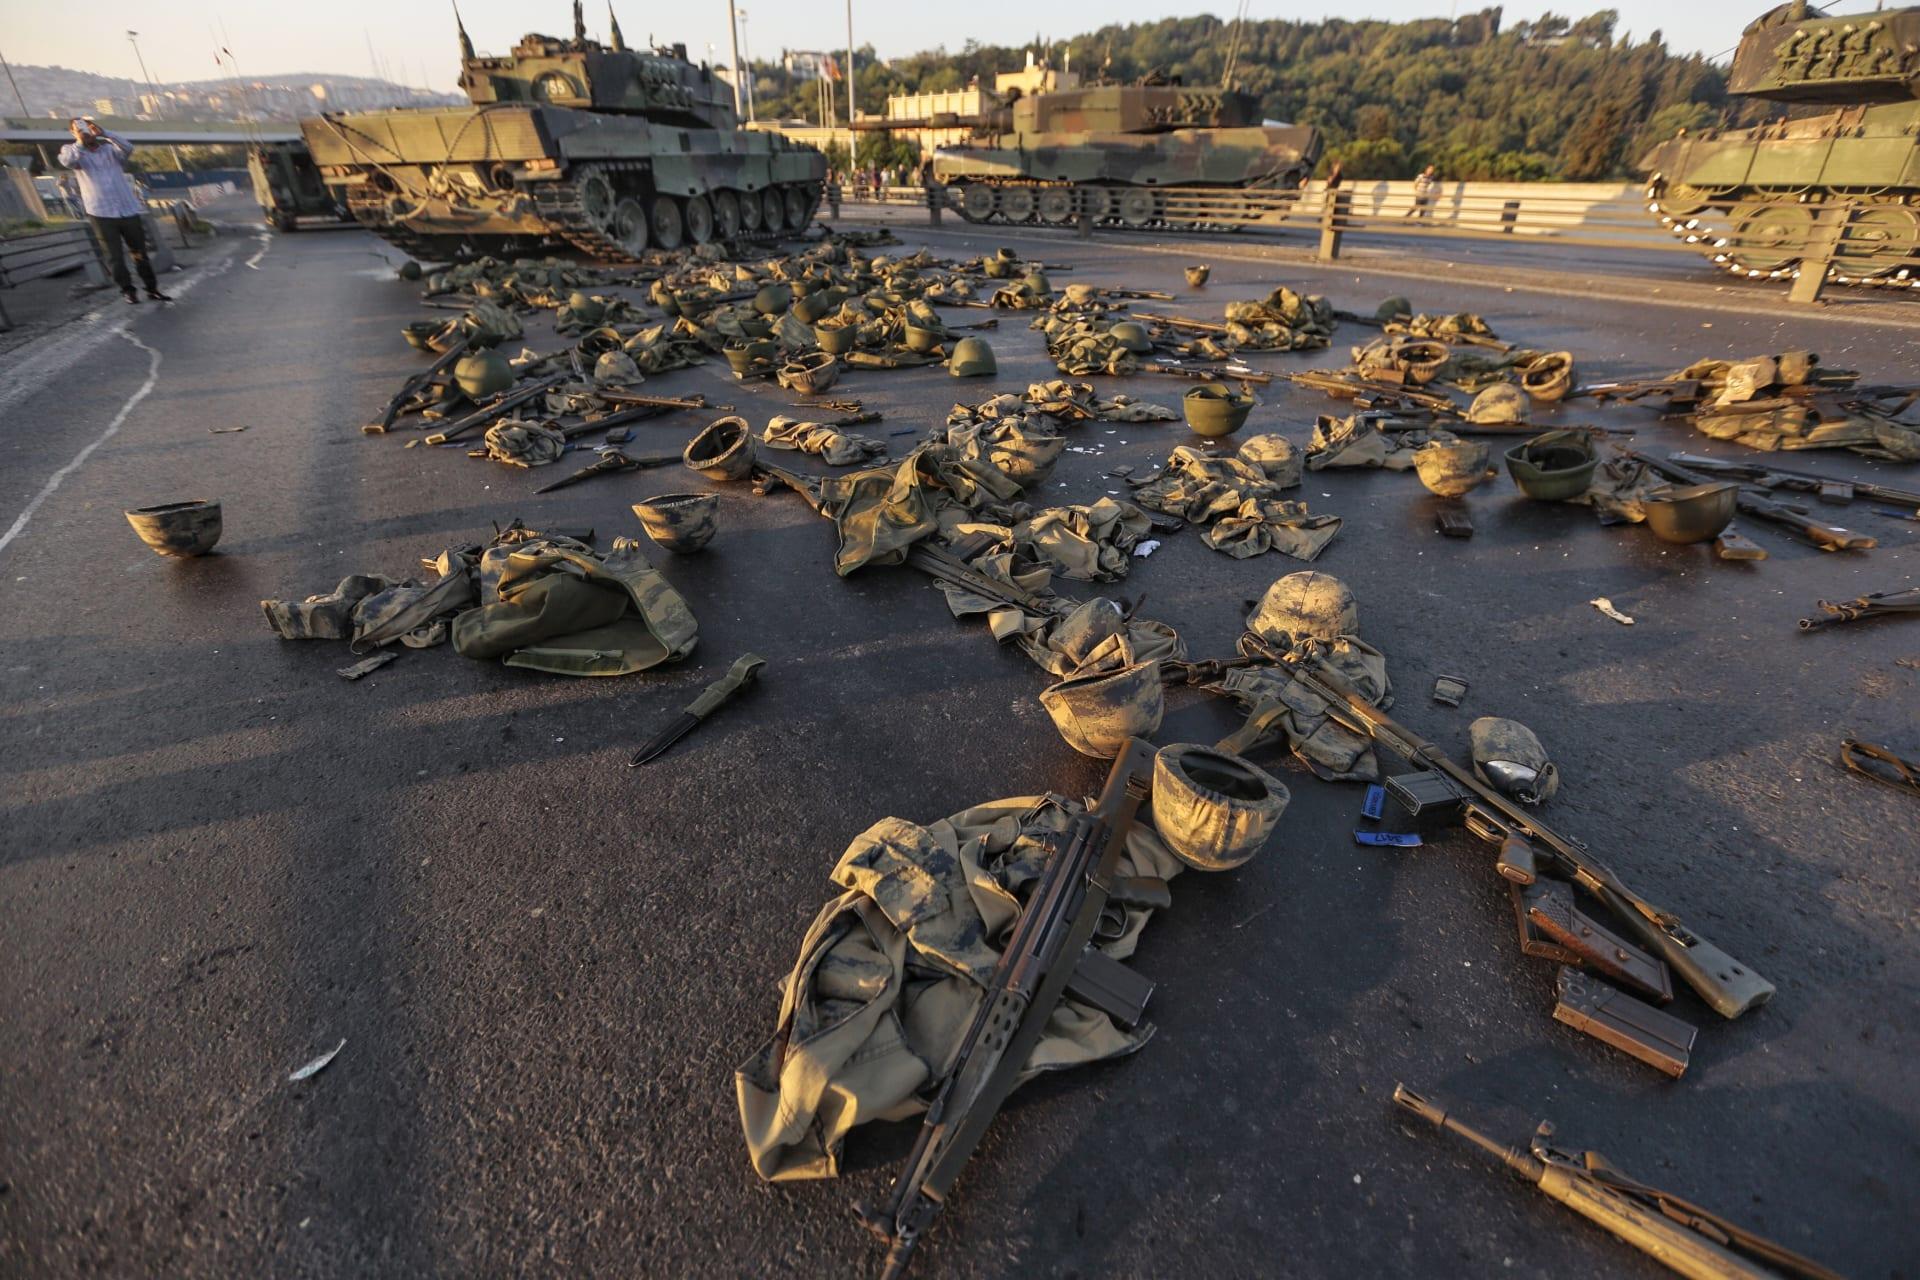 صورة أرشيفية لترك جنود أتراك أسلحتهم ومعداتهم بعد فشل محاولة الانقلاب 2016